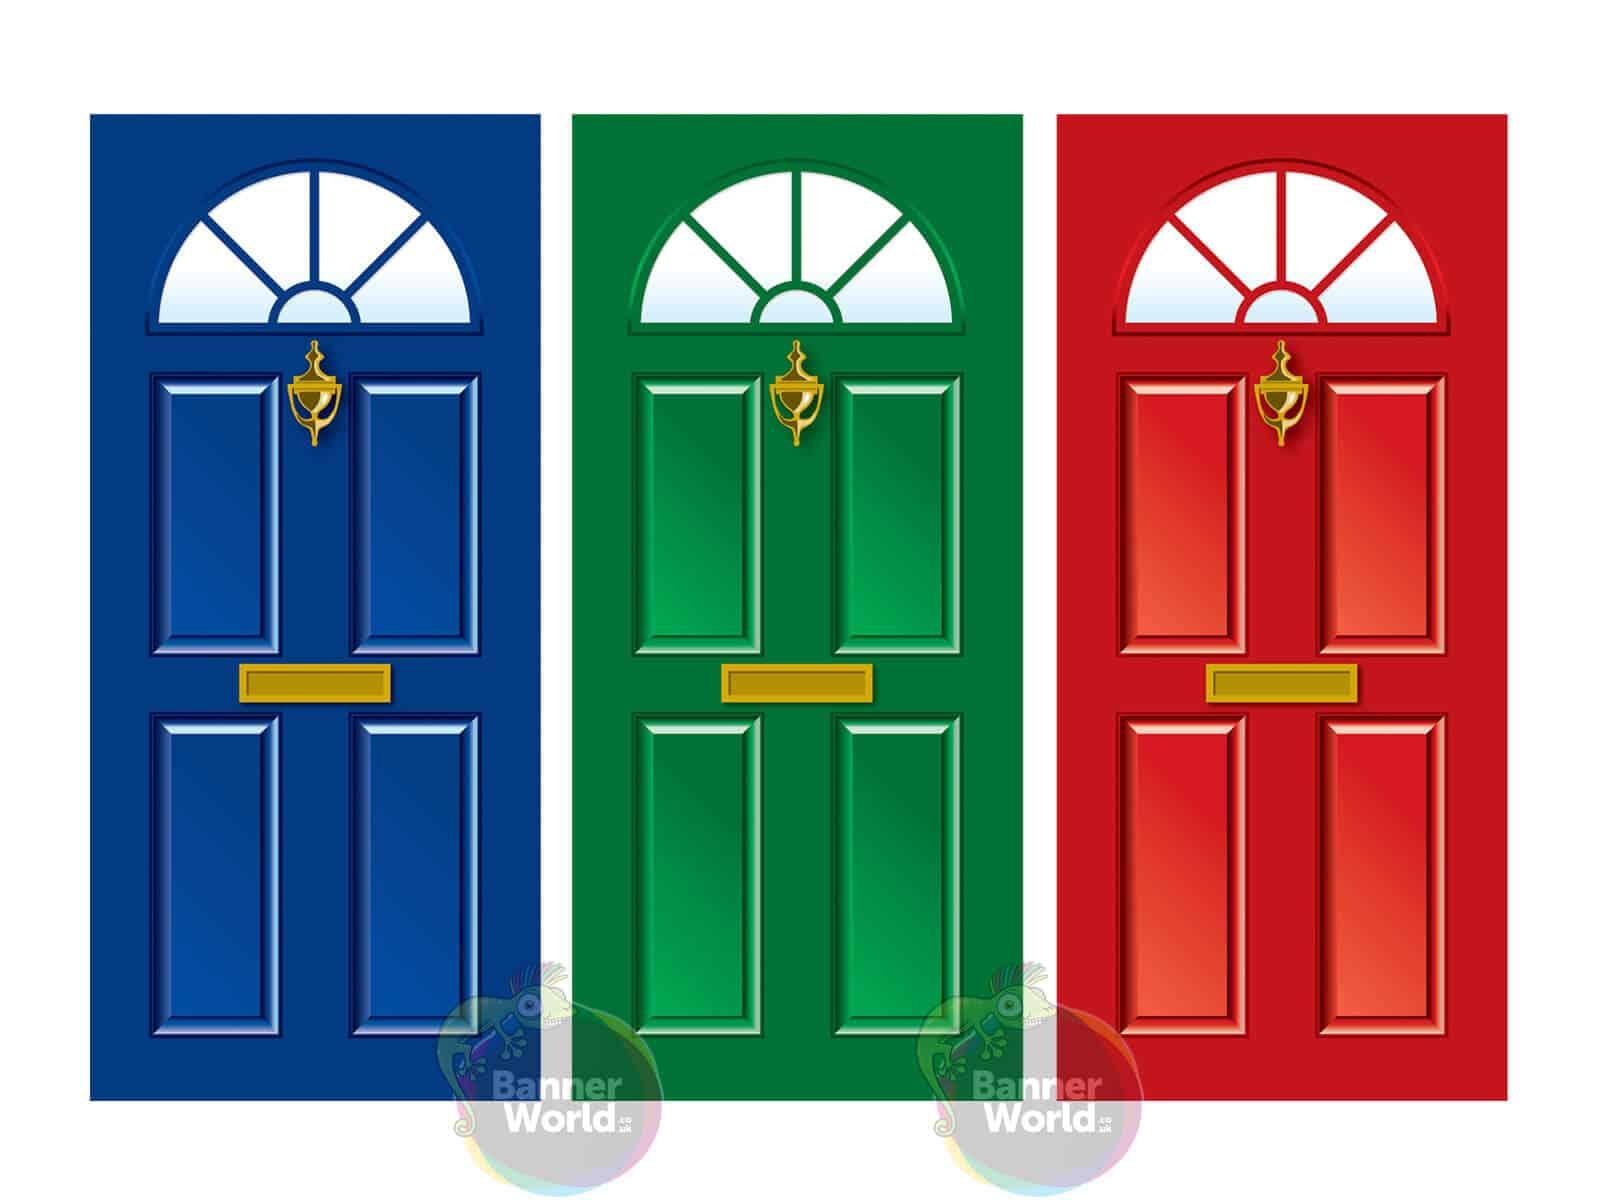 Door Wraps Dementia Friendly Door Wraps For Care Homes And Hospitals